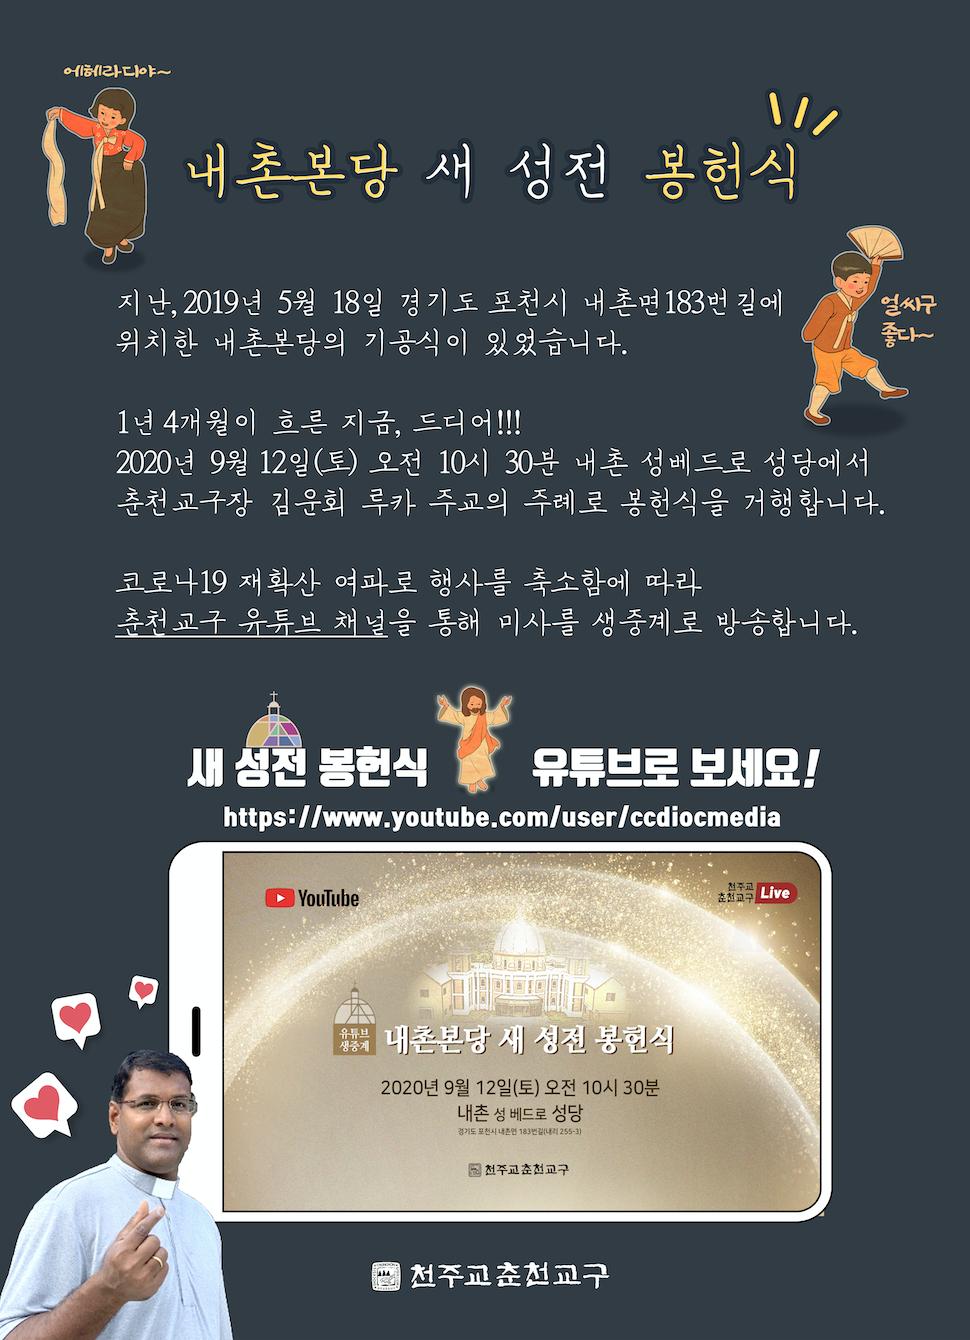 내촌본당 성전 봉헌식 배너 및 안내이미지3.png